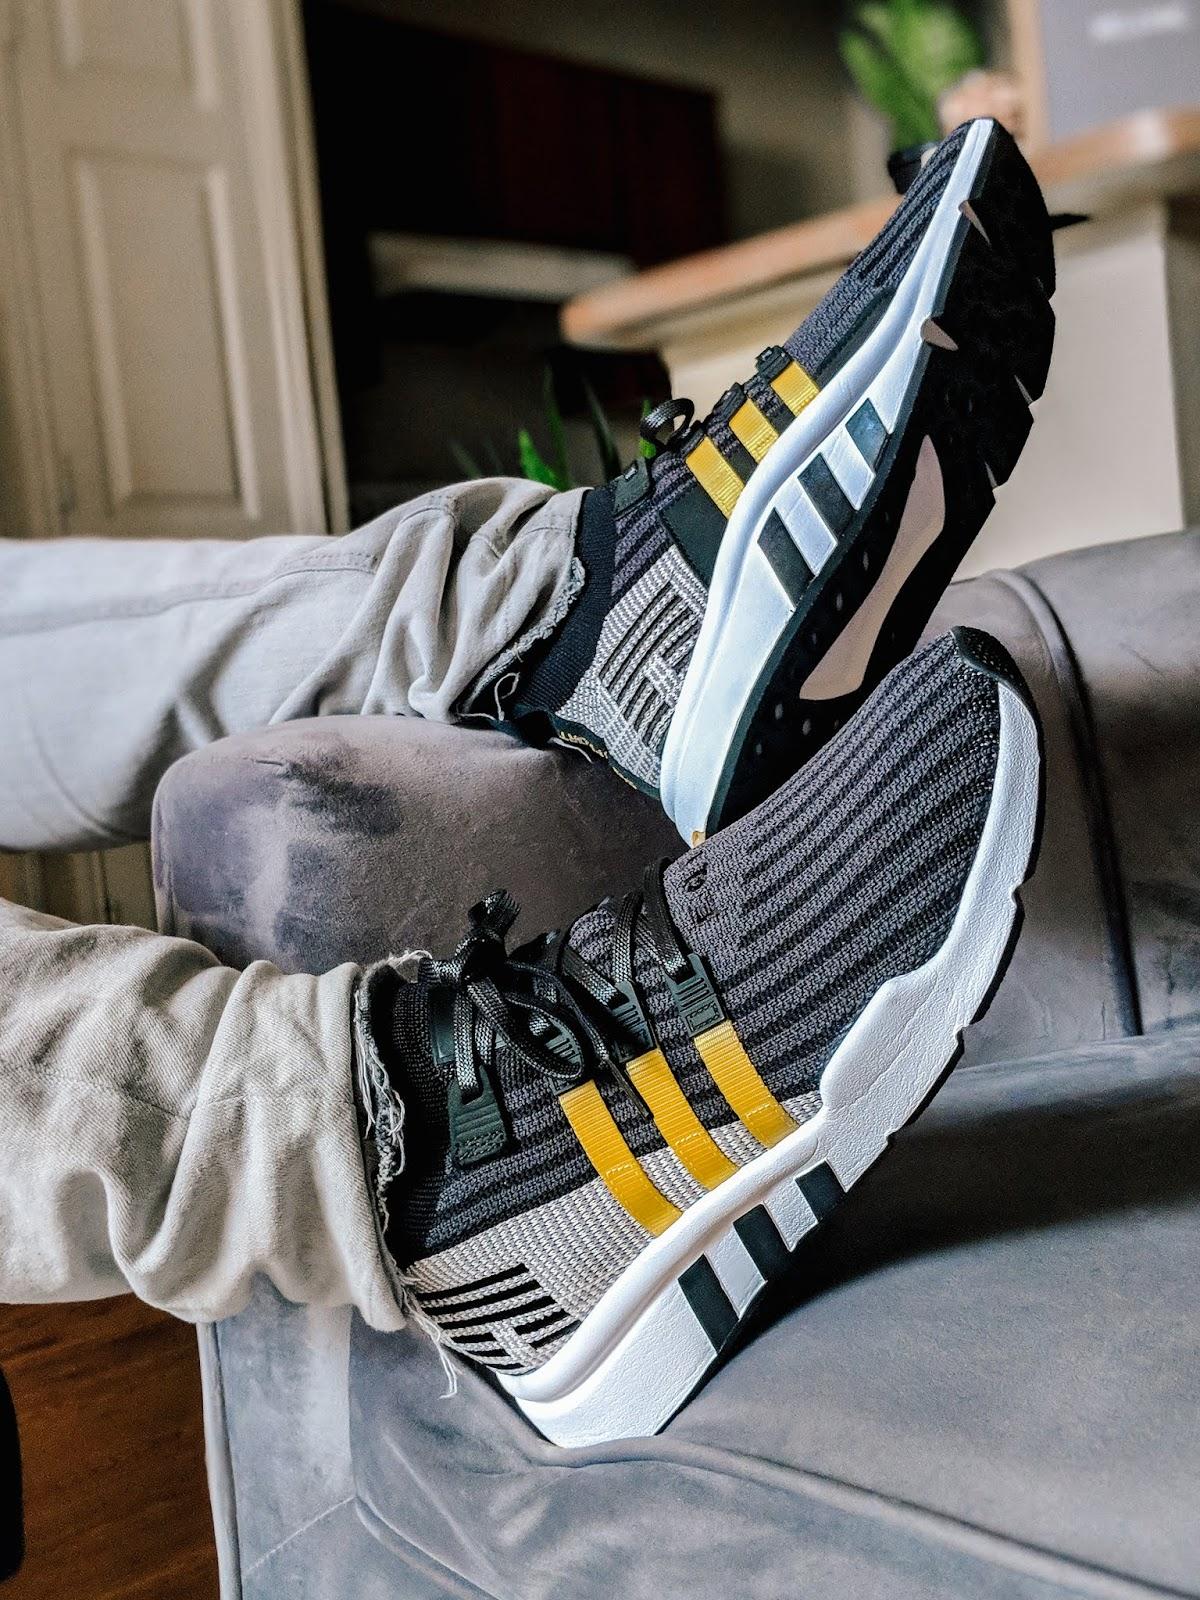 403f17a6b2fb Sneaker Pickup  Adidas EQT Support 93 18 Mid Primeknit